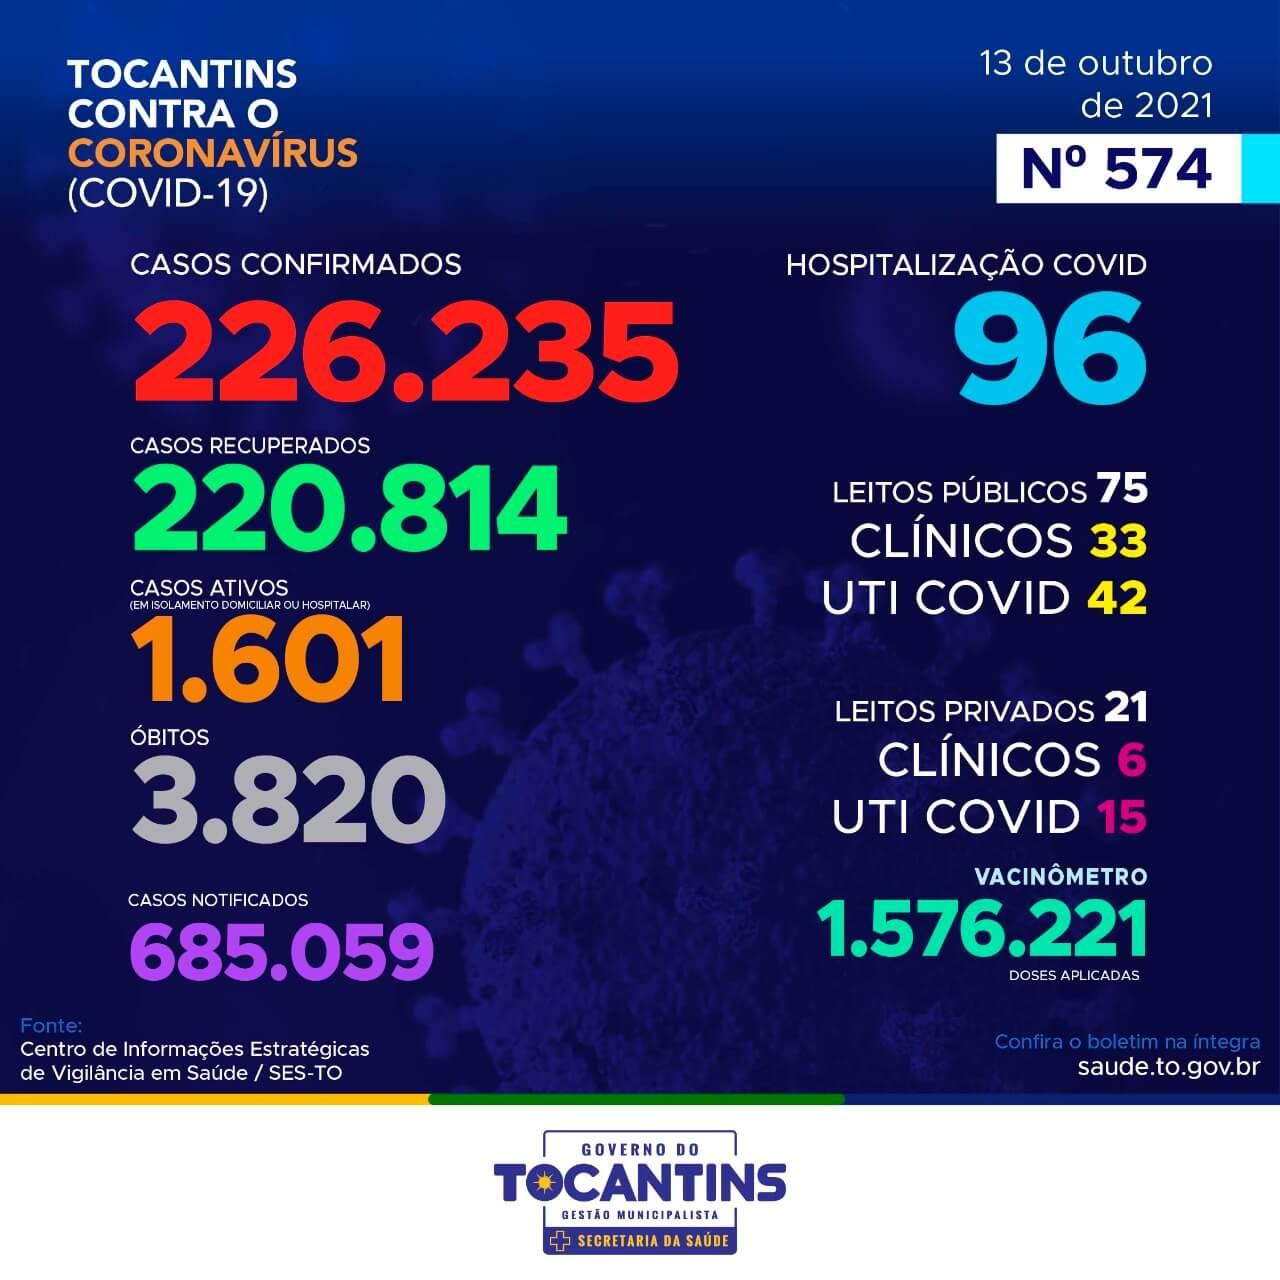 Acompanhe o 574º Boletim Epidemiológico da Covid-19 no Tocantins em 13 de outubro de 2021